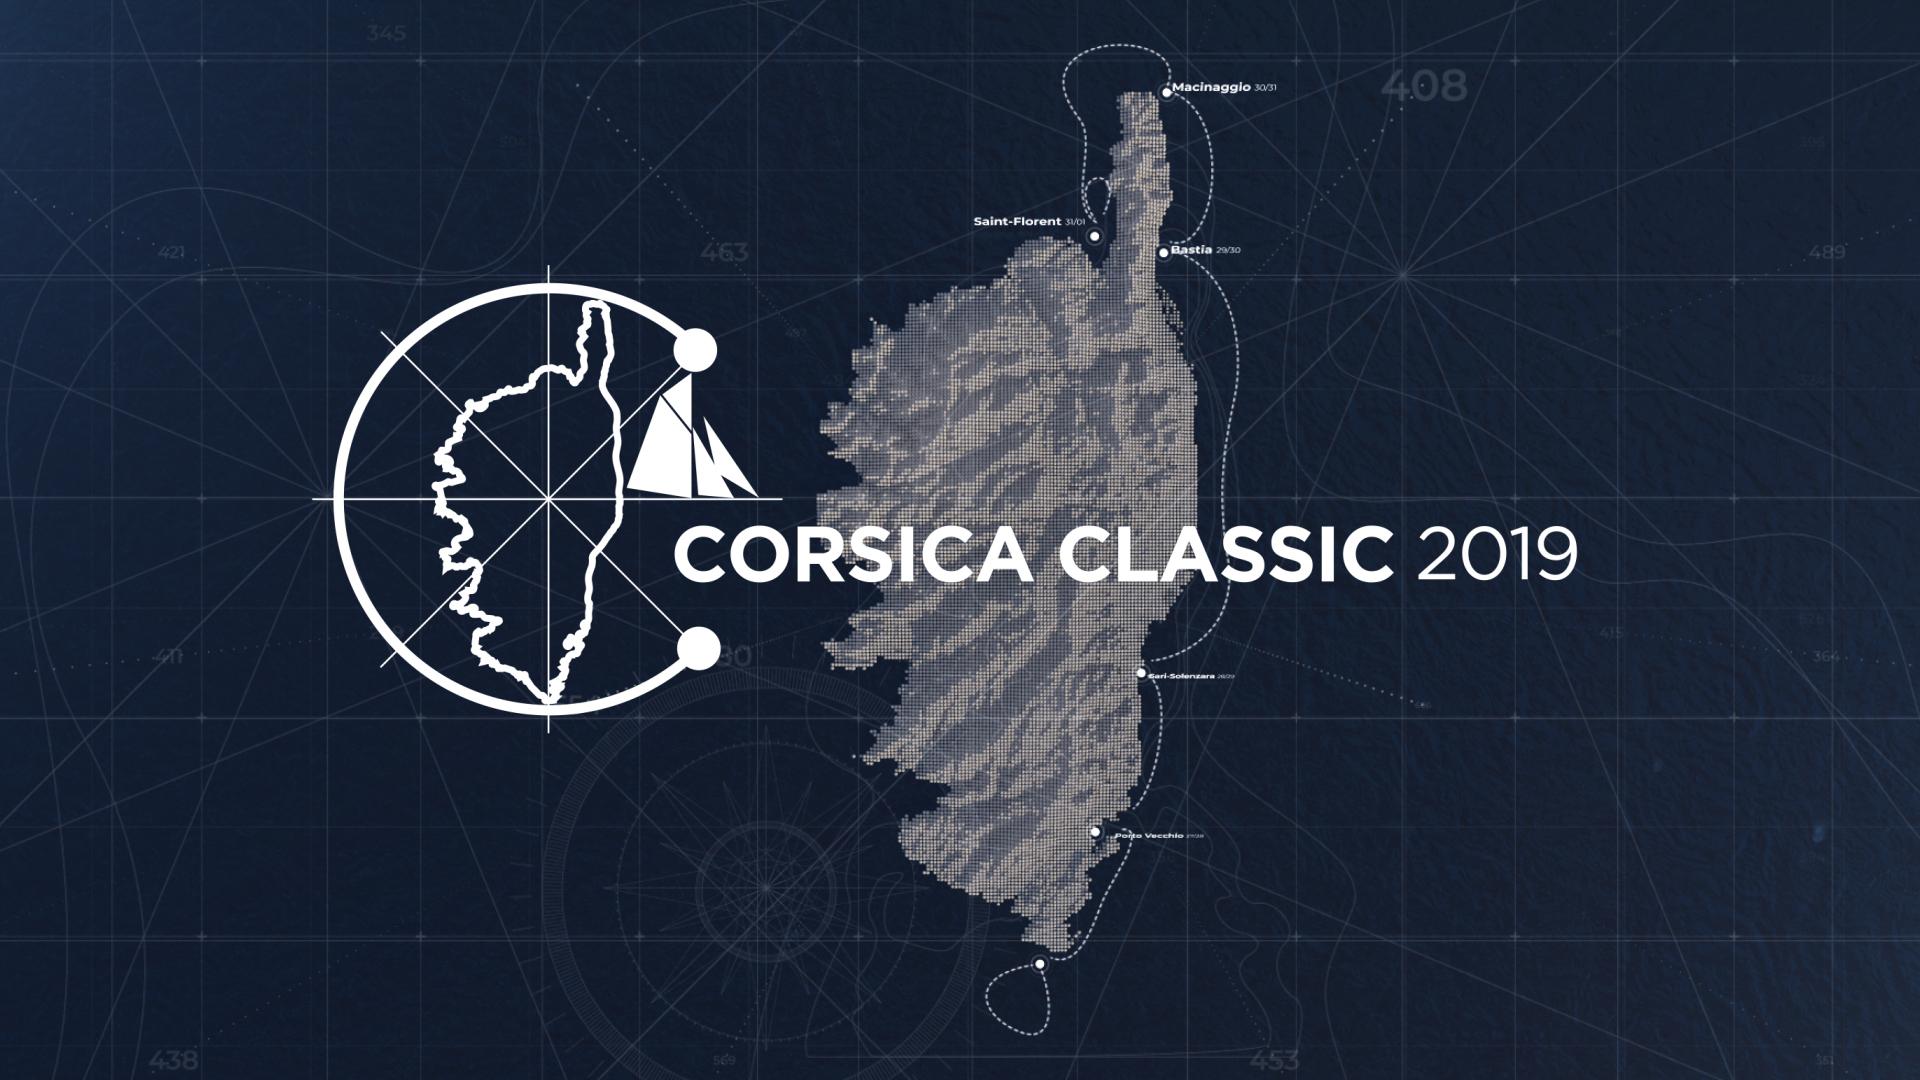 Le parcours 2019 de la 10 ème Corsica Classic Motion design Mikimo DR